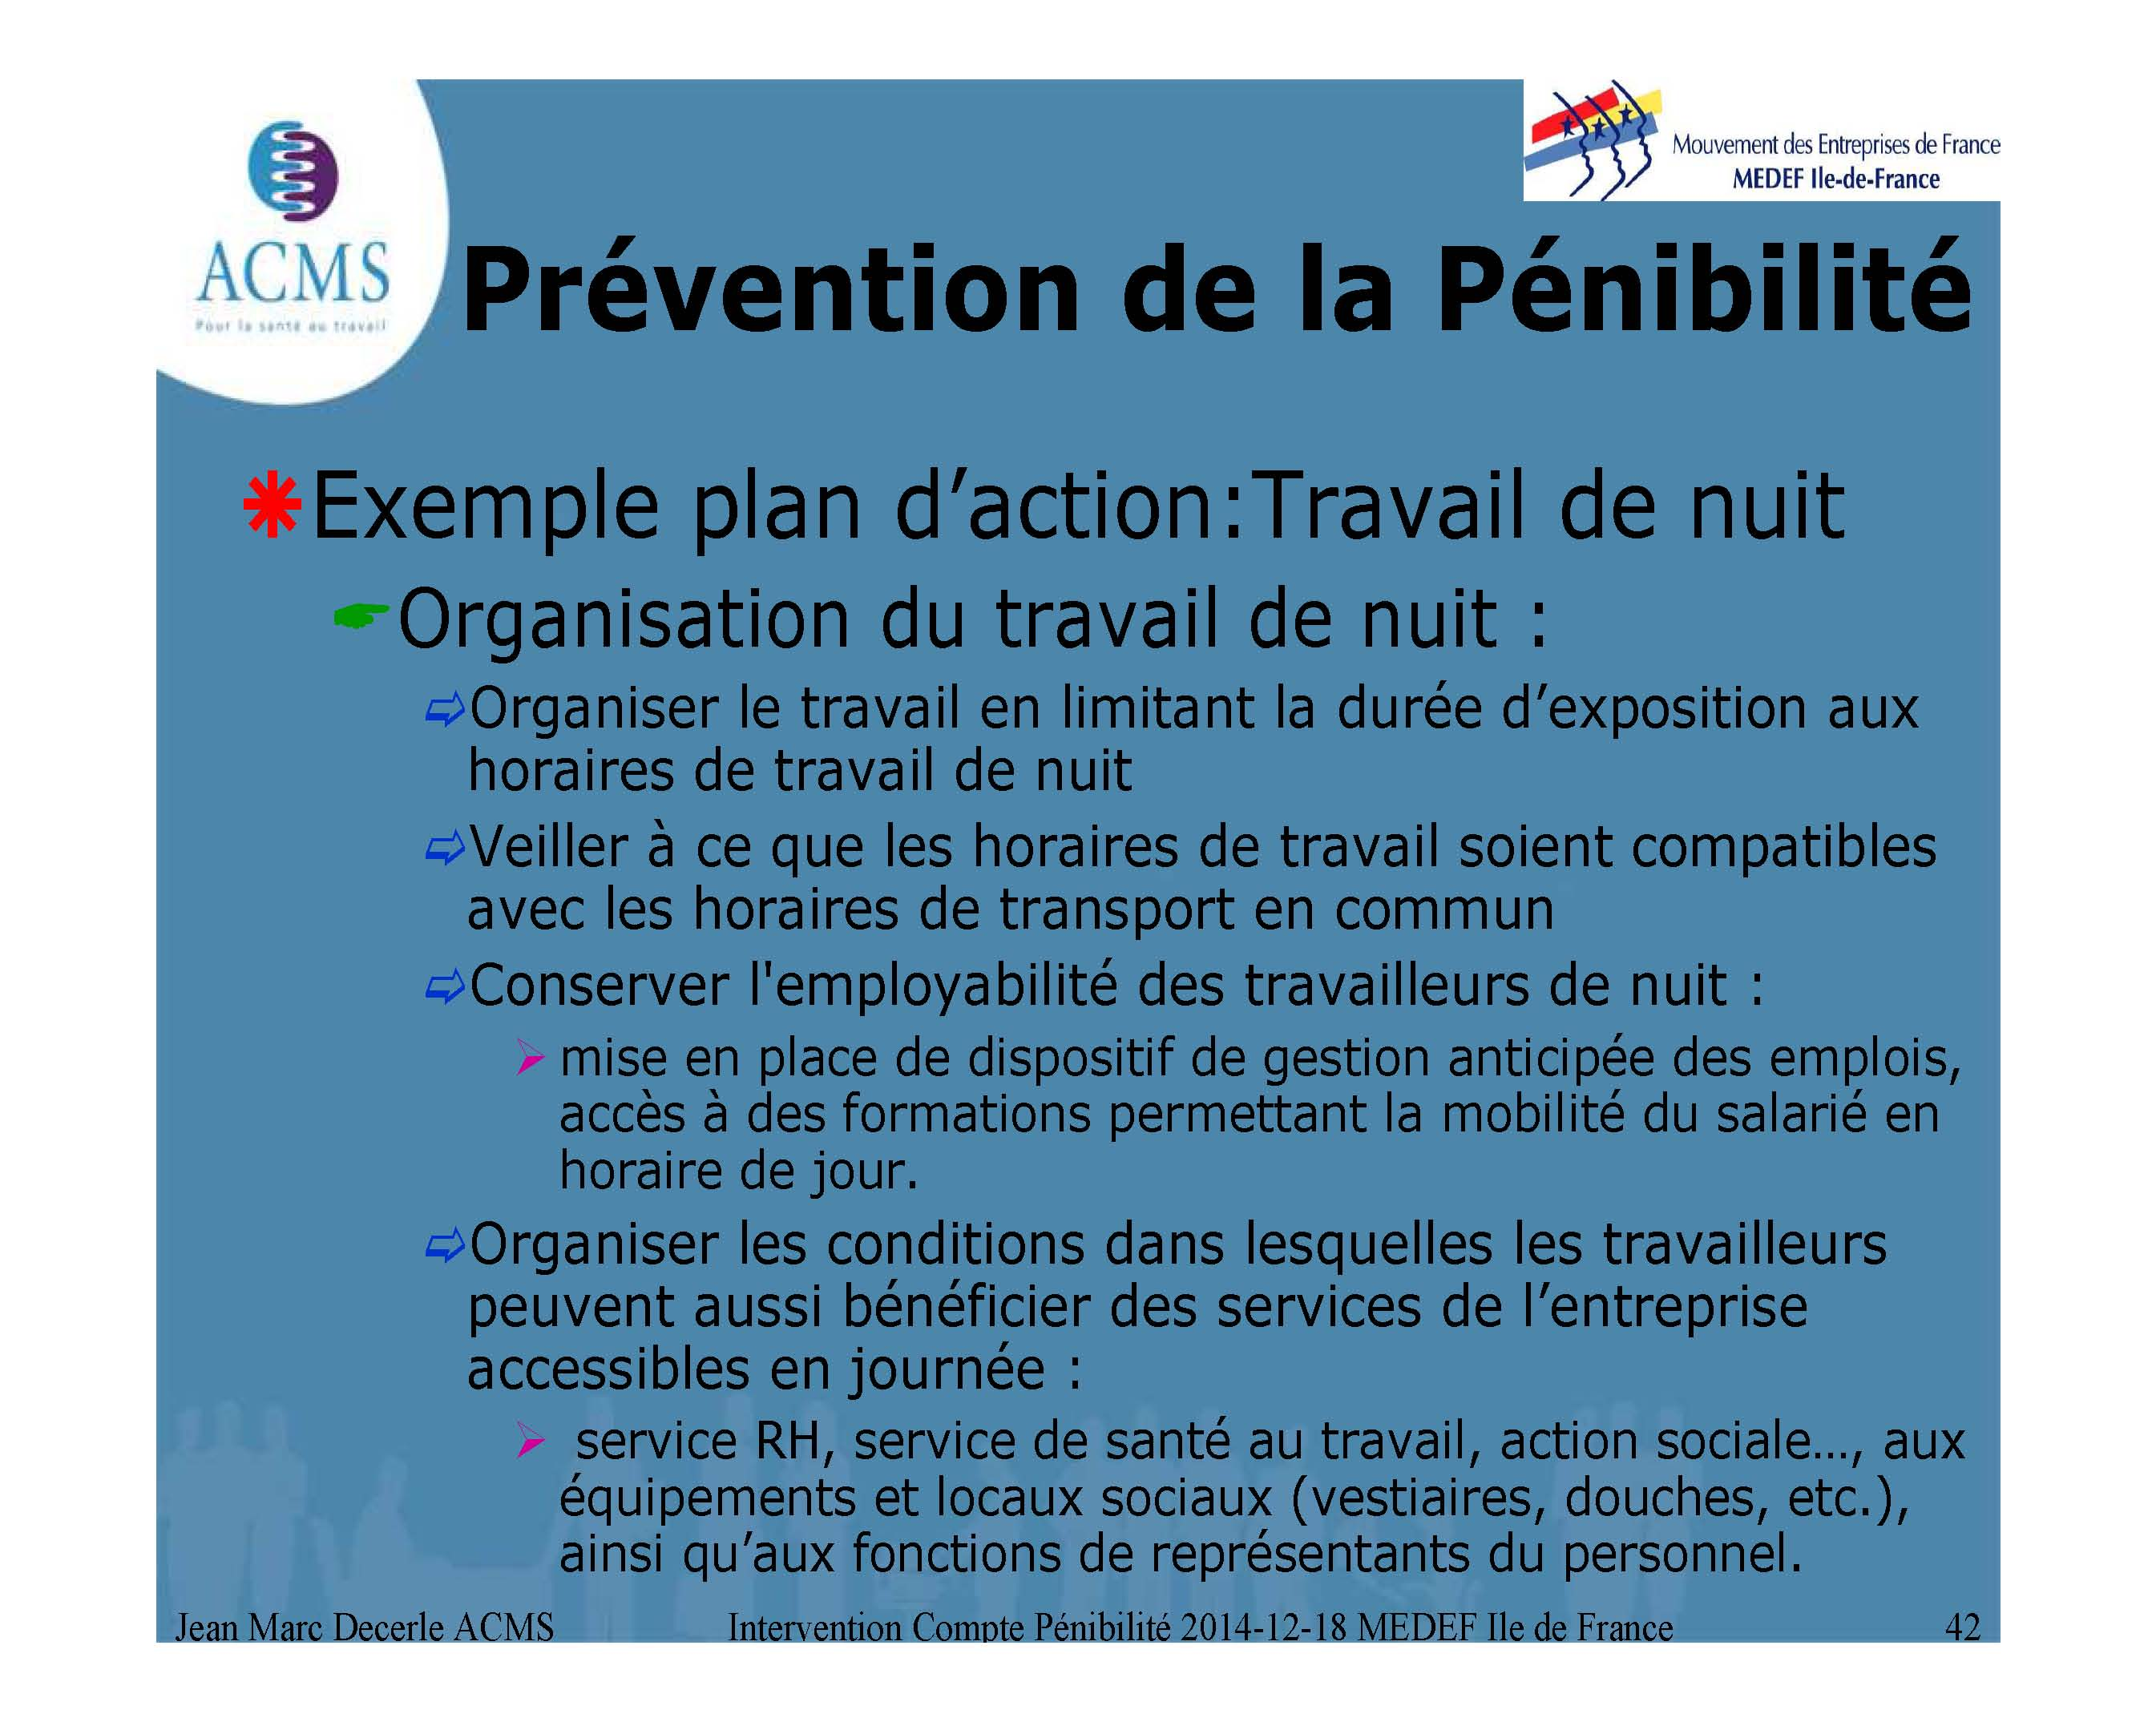 2014-12-18 Compte Pénibilite MEDEF Ile de France_Page_42